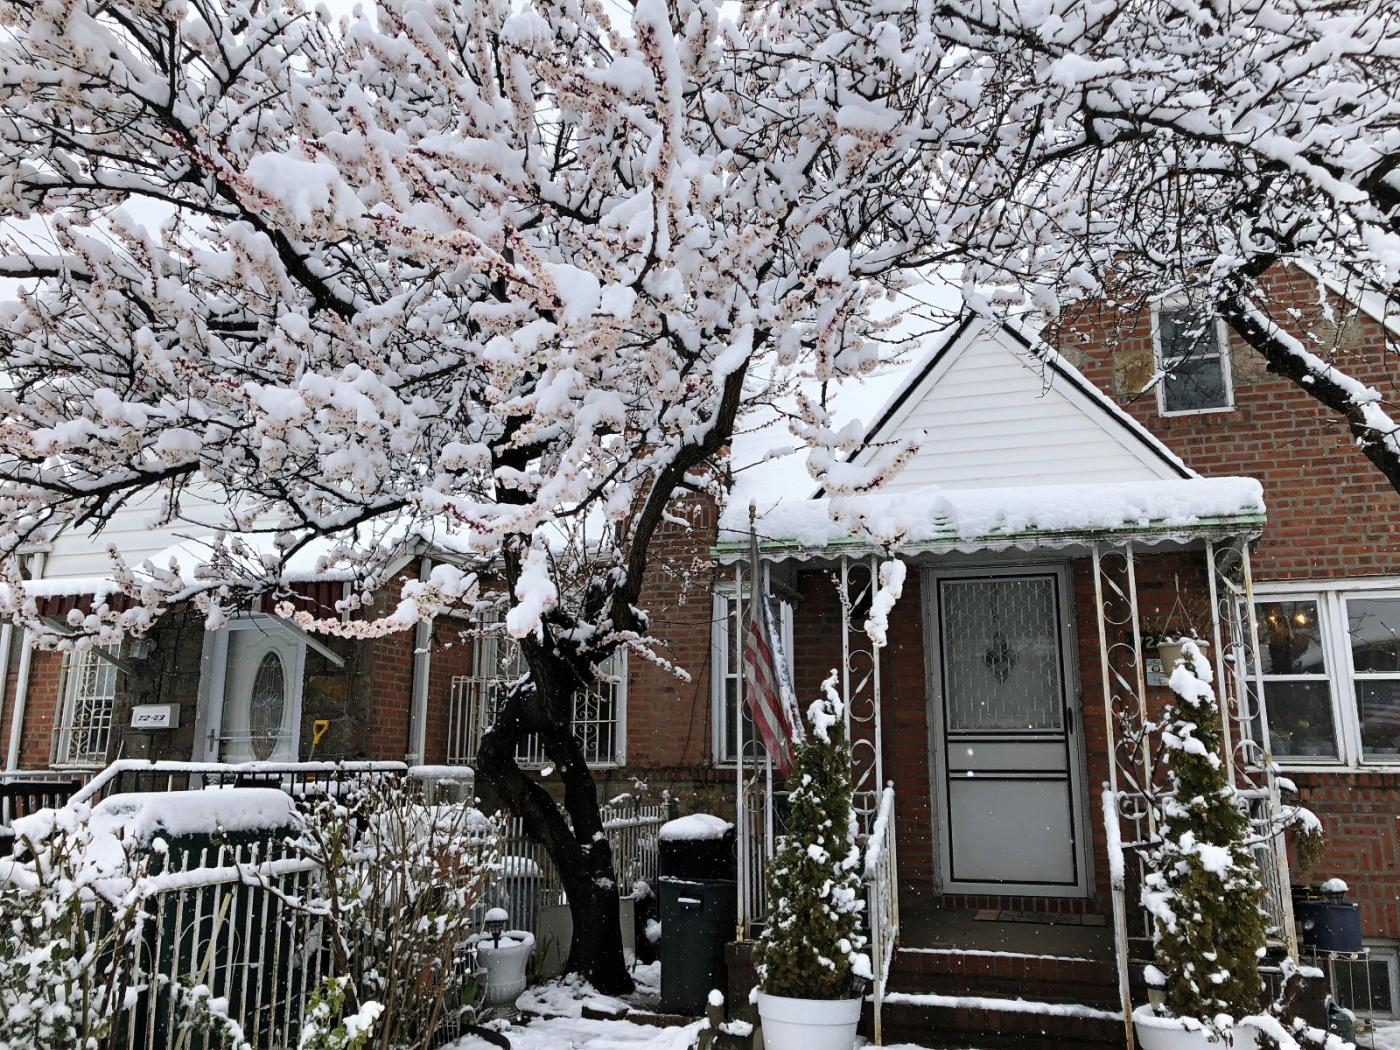 【田螺手机摄影】今早下雪去拍梅花_图1-6